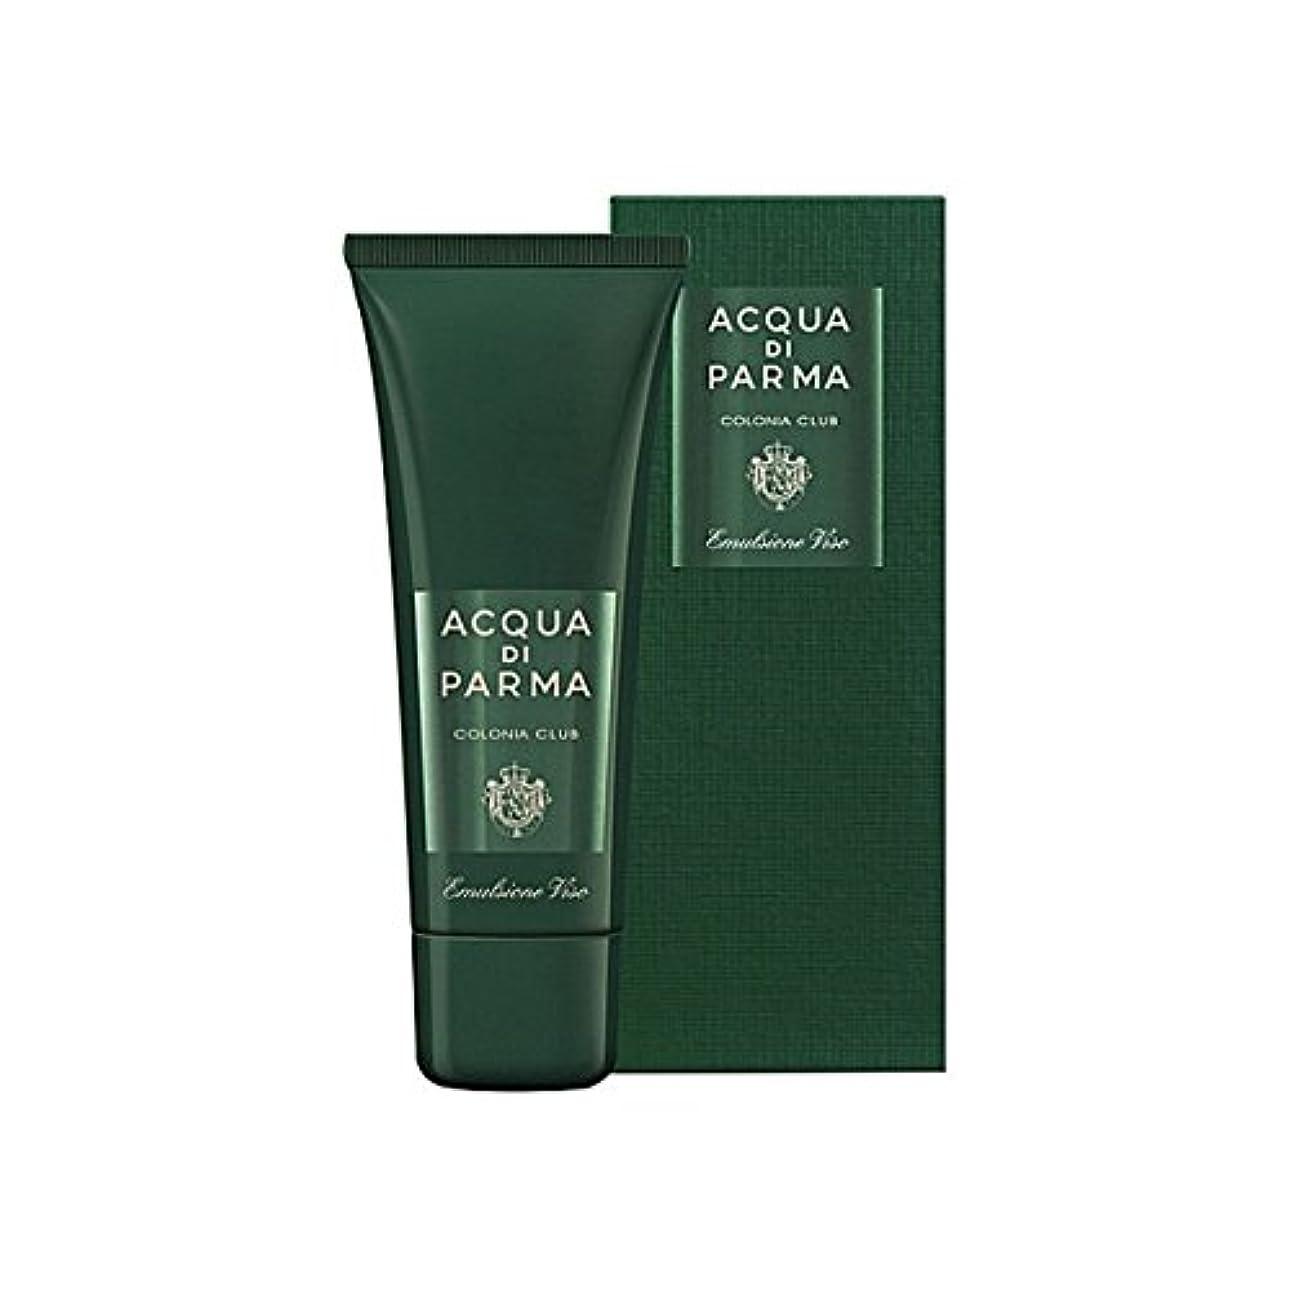 札入れダンス玉ねぎアクアディパルマコロニアクラブフェースエマルジョン75ミリリットル x2 - Acqua Di Parma Colonia Club Face Emulsion 75ml (Pack of 2) [並行輸入品]